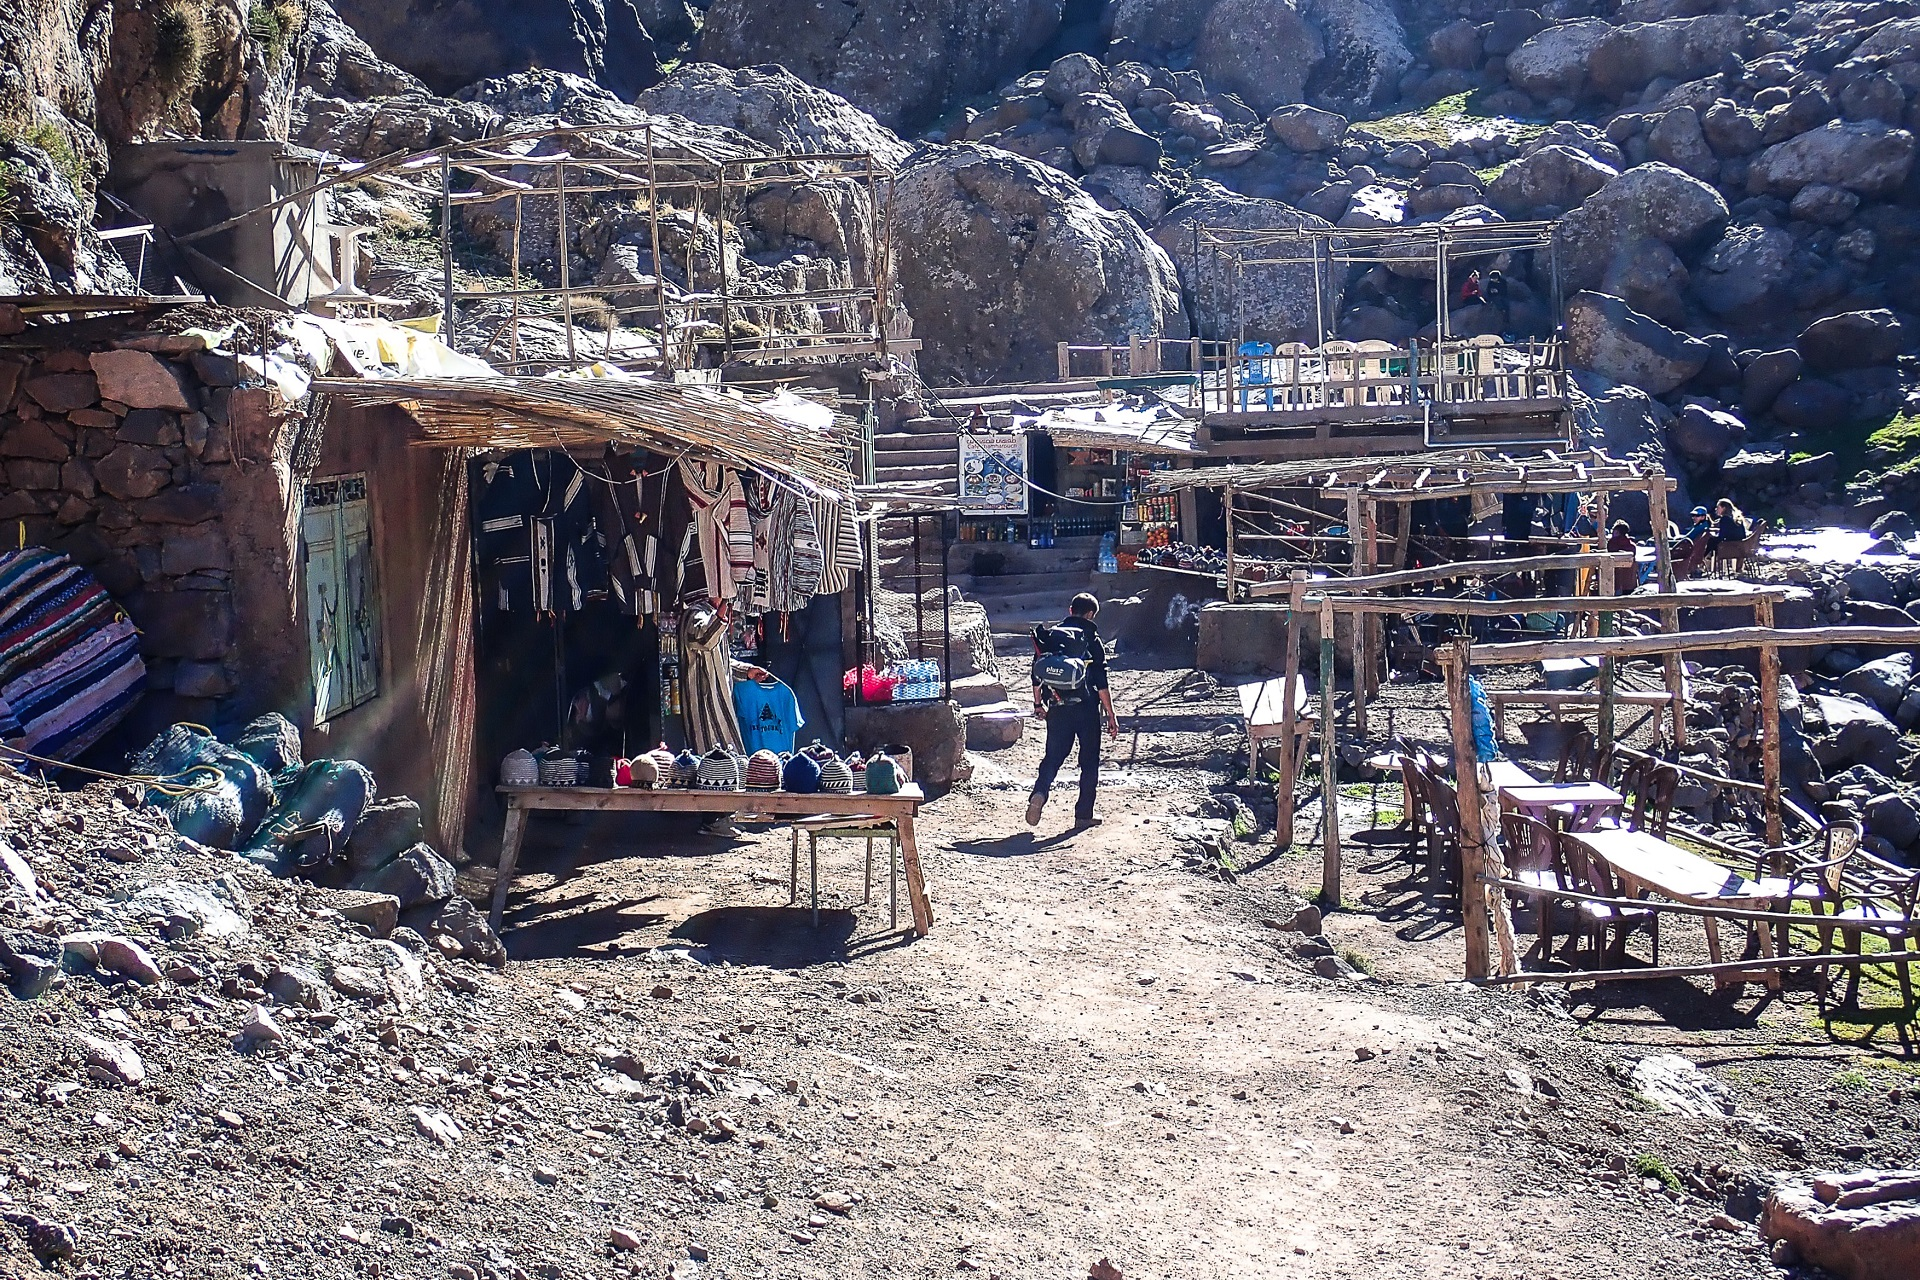 Ostatnia osada na szlaku na Toubkal, w której znajduje się białego kamień Sidi Chamharouch